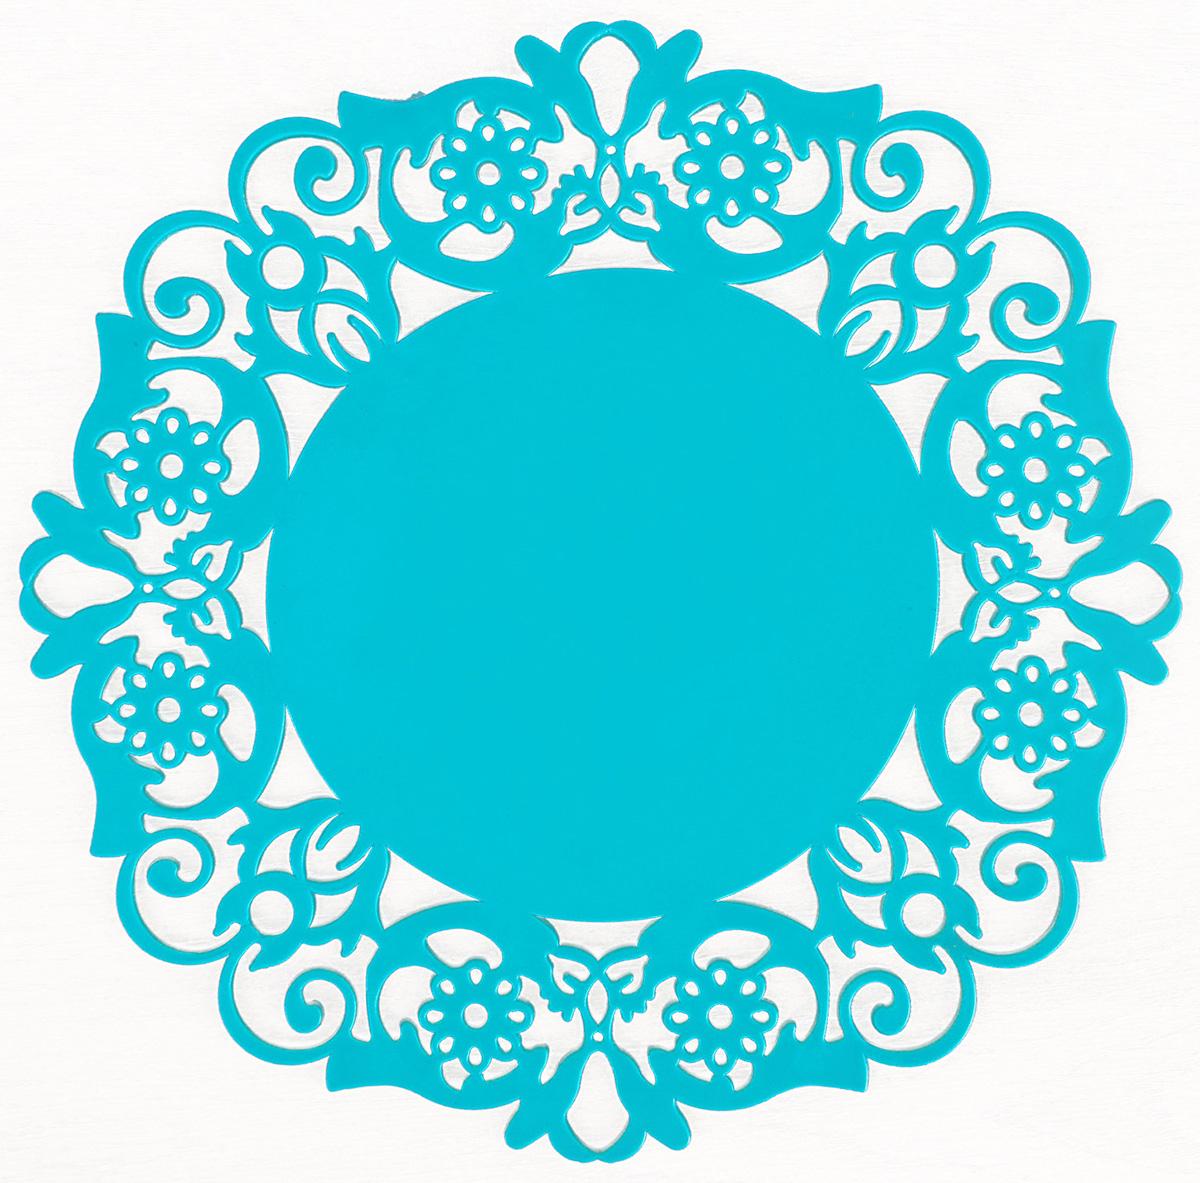 Подставка под горячее Доляна Чаепитие, цвет: голубой, 20 см812071_голубойПодставка под горячее Доляна Чаепитие, цвет: голубой, 20 см